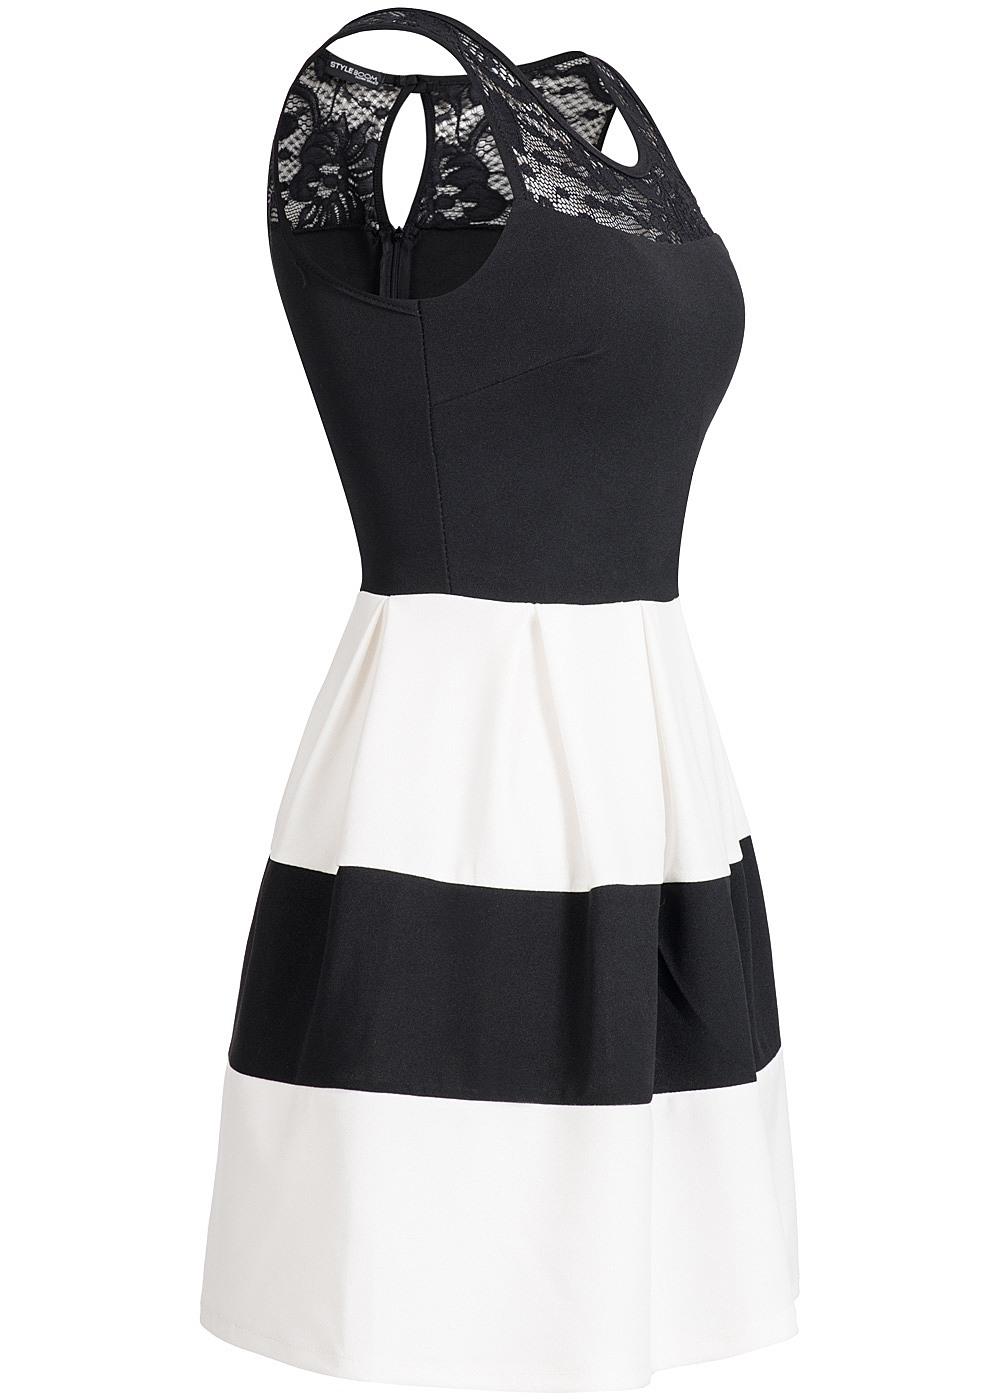 Kleid schwarz weib 44